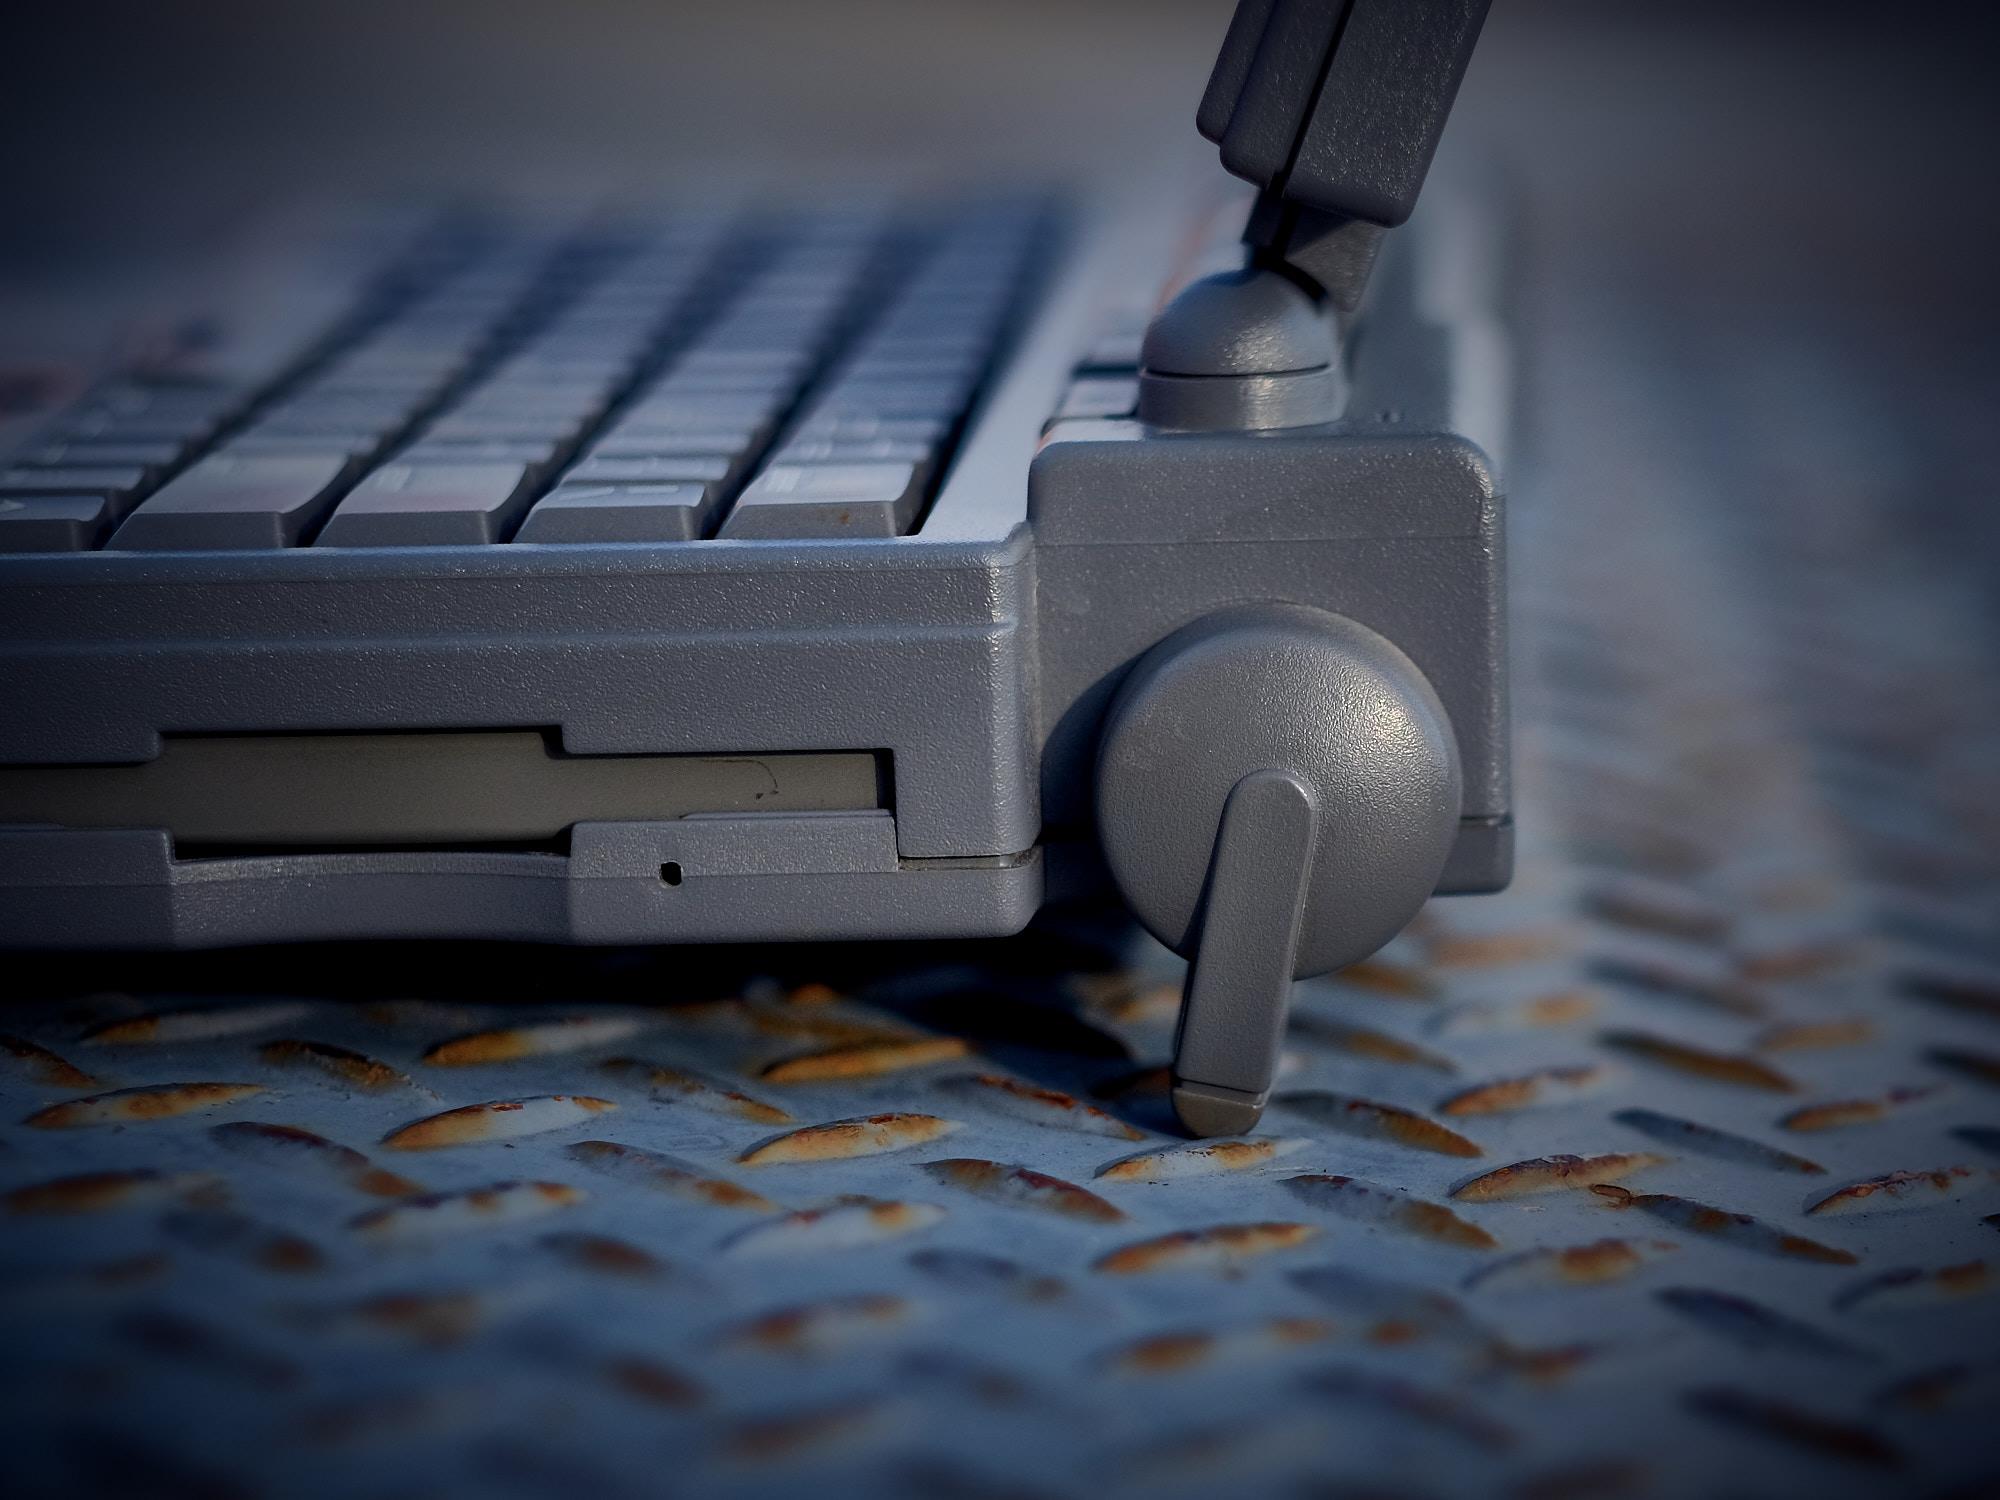 Feet raising the laptop. Floppy drive on left.